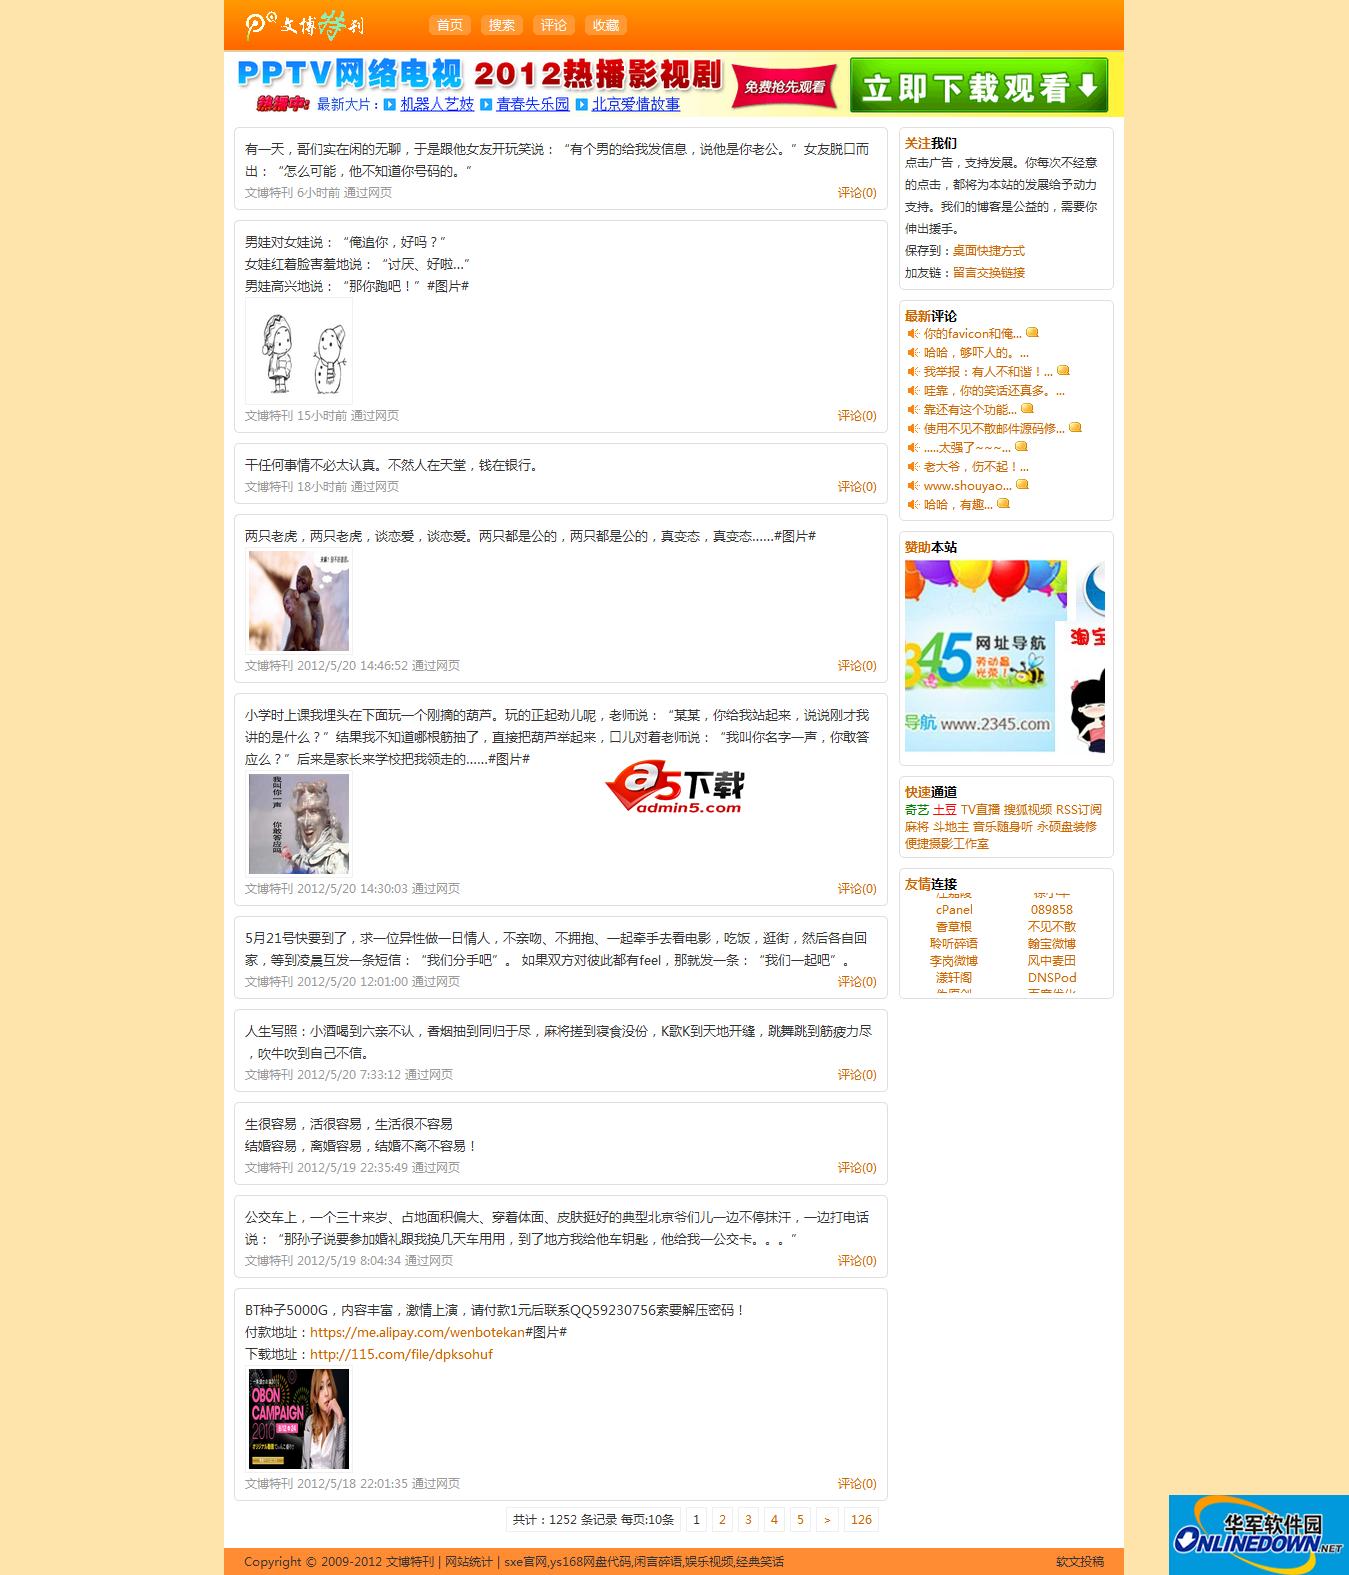 文博特刊单用户微博整站源码 PC版